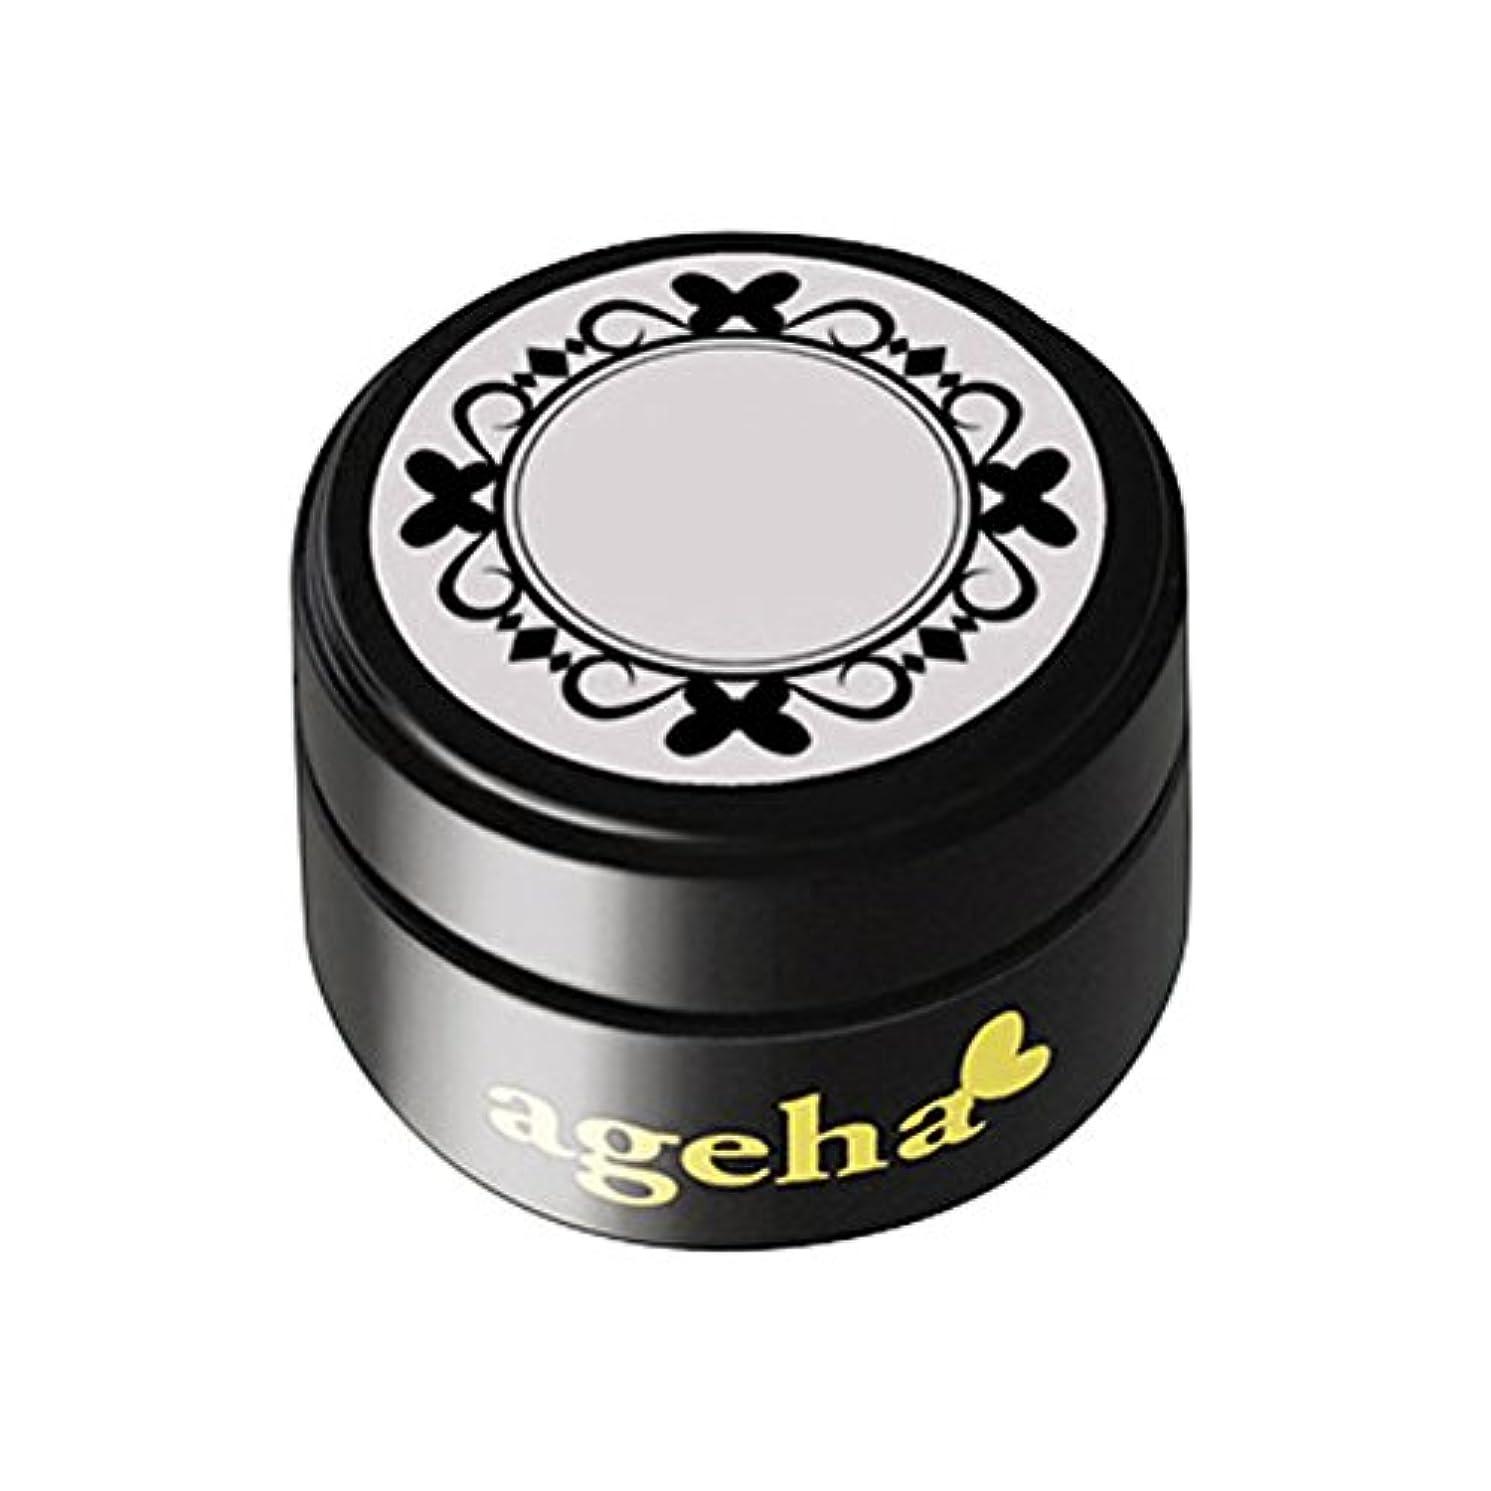 ageha gel カラージェル コスメカラー 107 グレージュヌード 2.7g UV/LED対応